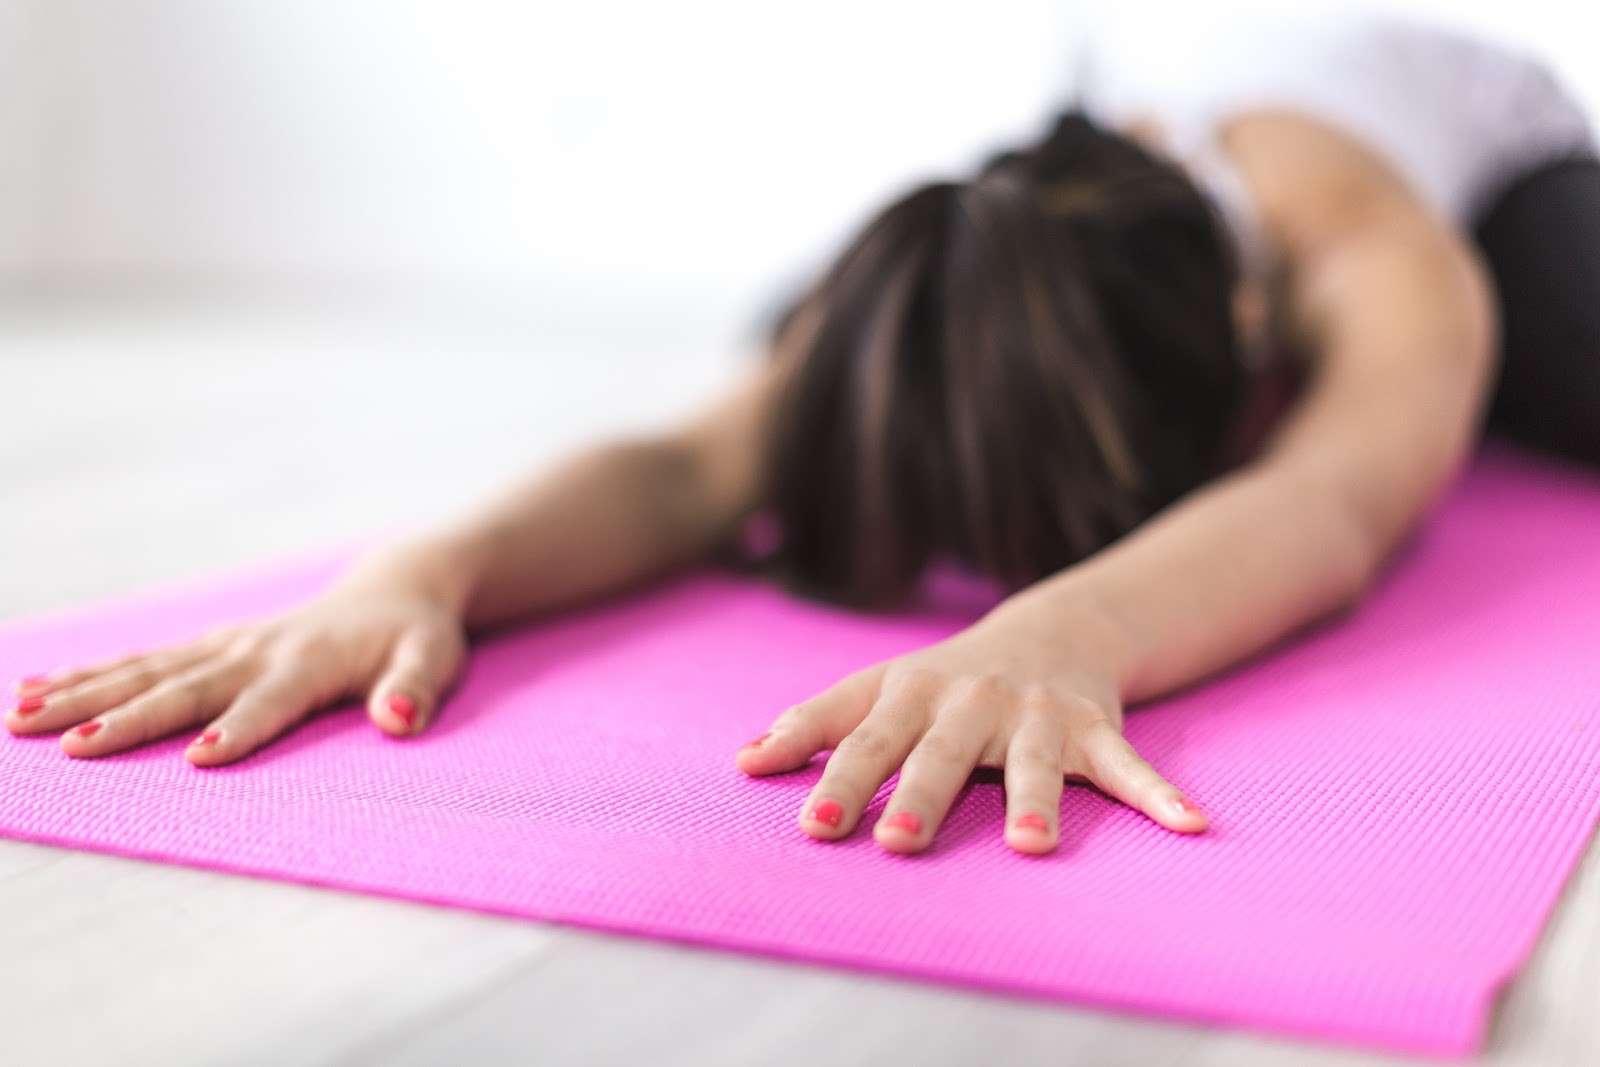 Femme pratiquant le tension off sur un tapis de sport